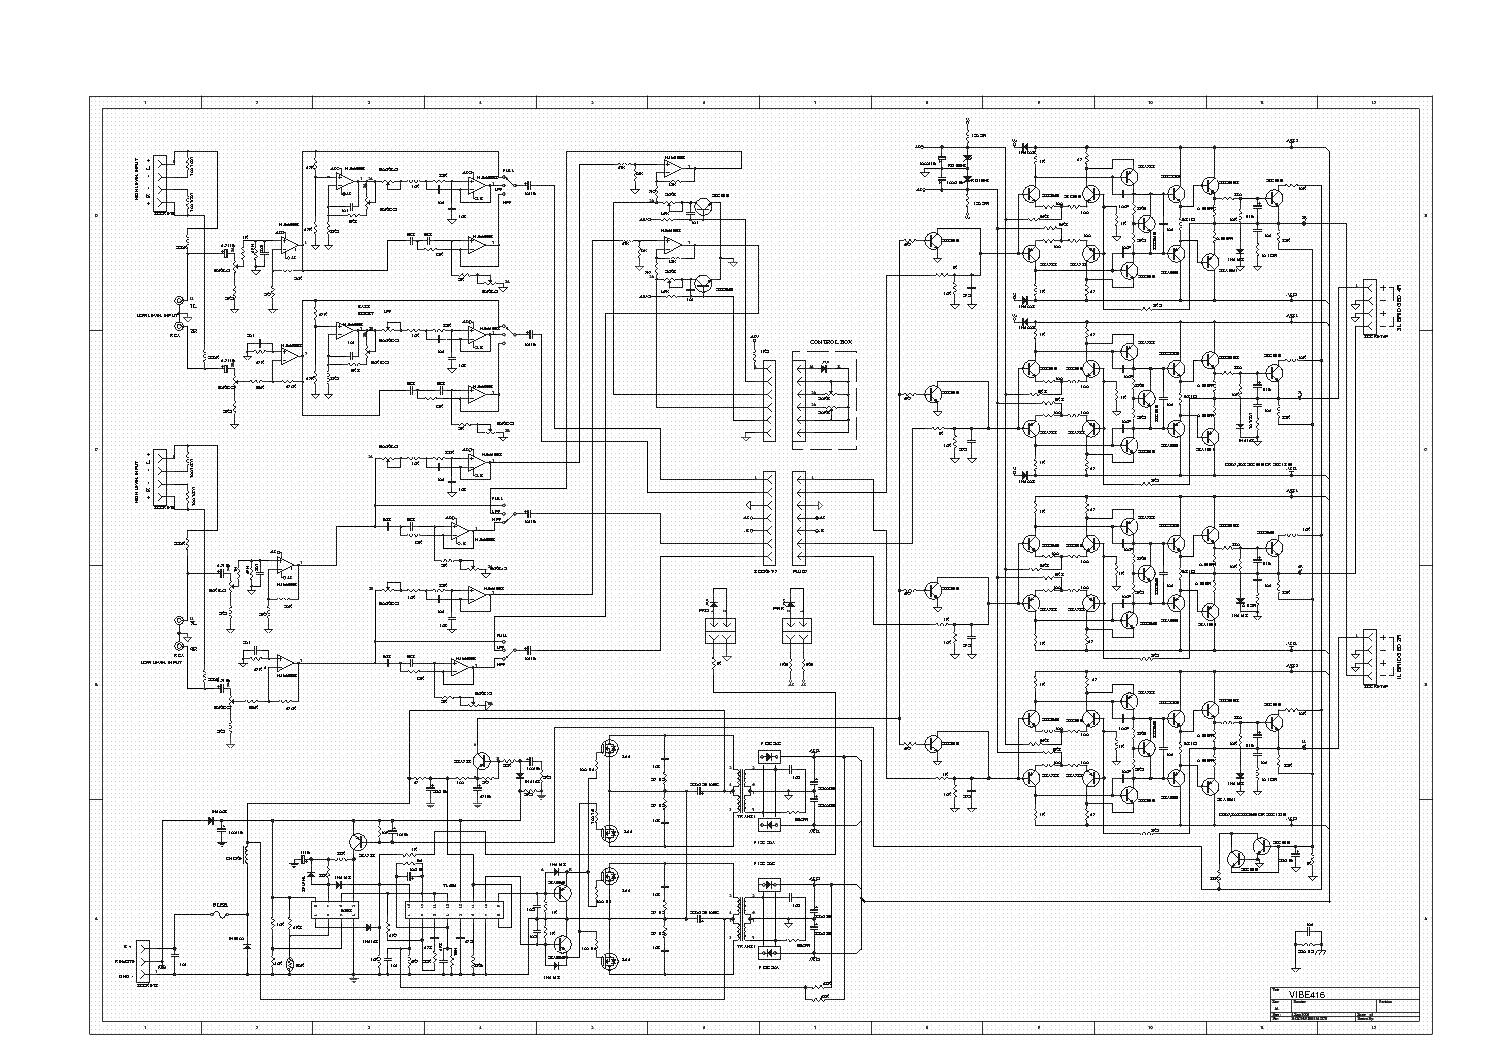 Lanzar Snv65I3D Wiring Diagram from elektrotanya.com